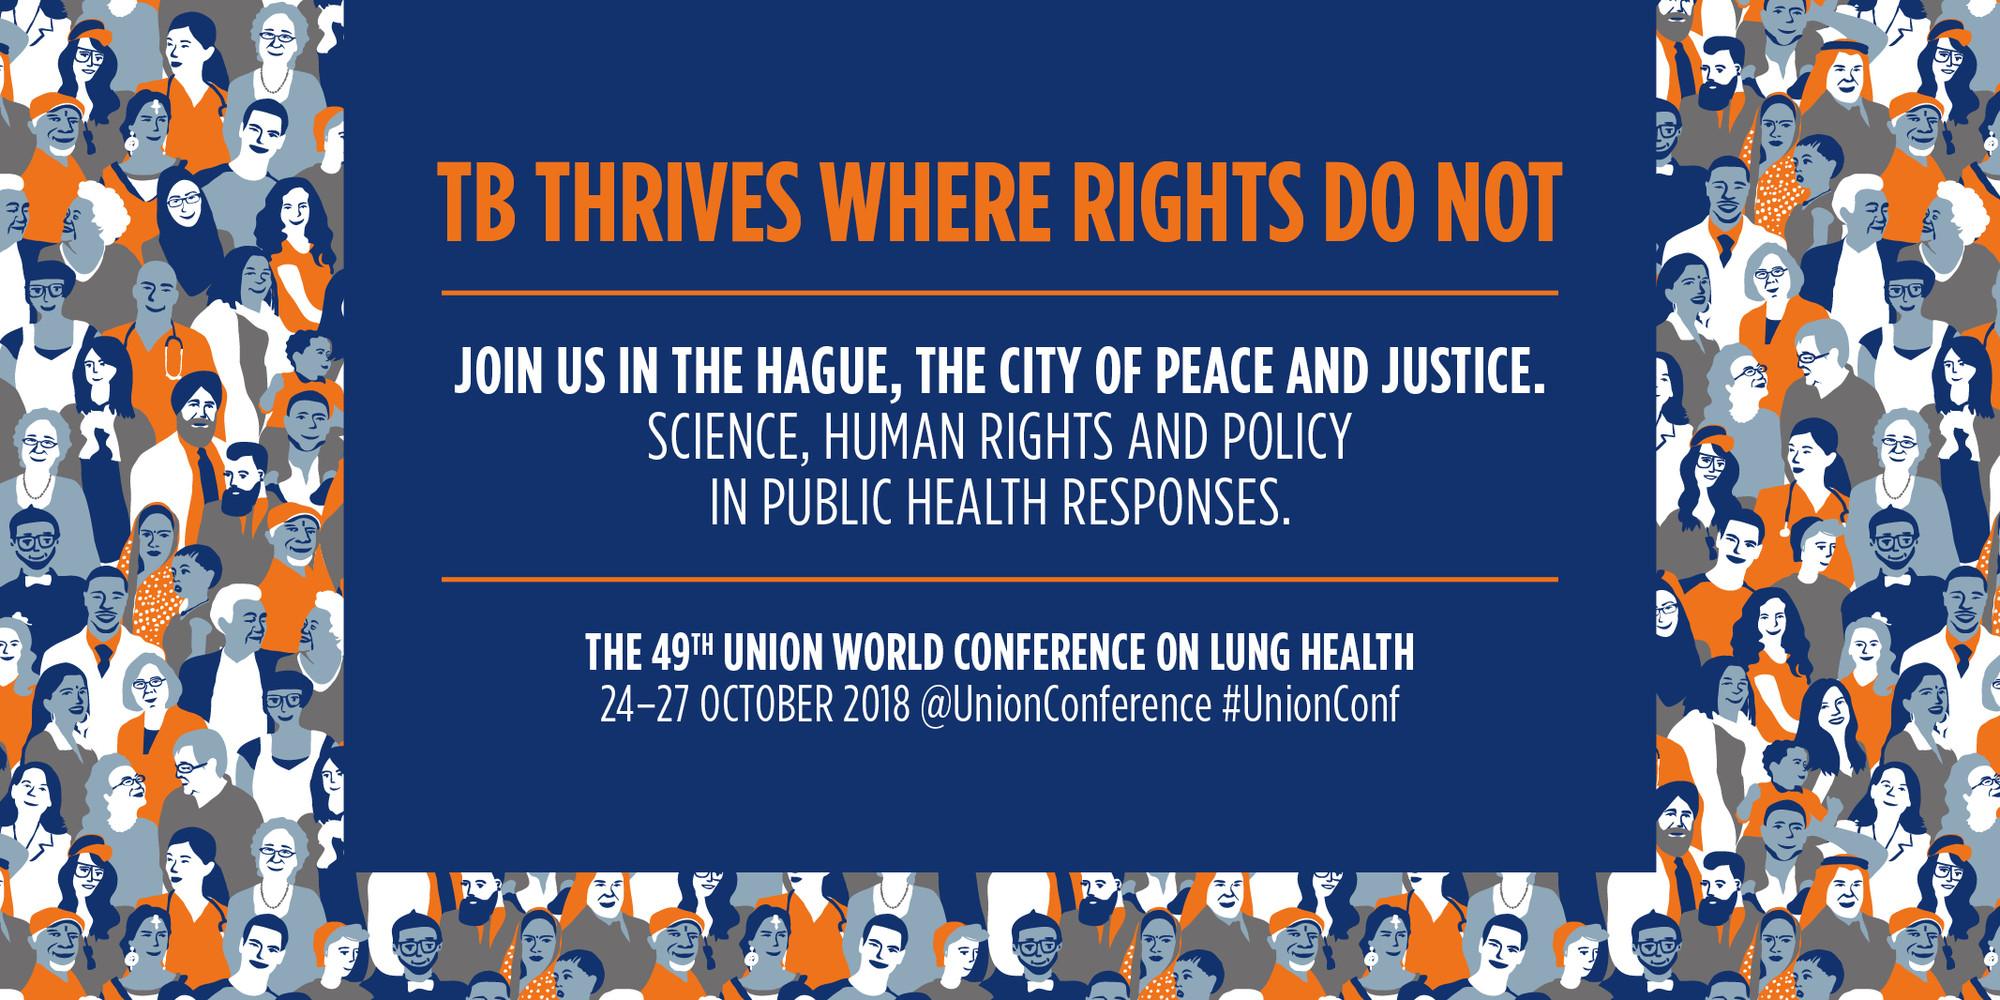 La 49 ème Conférence mondiale sur la santé respiratoire